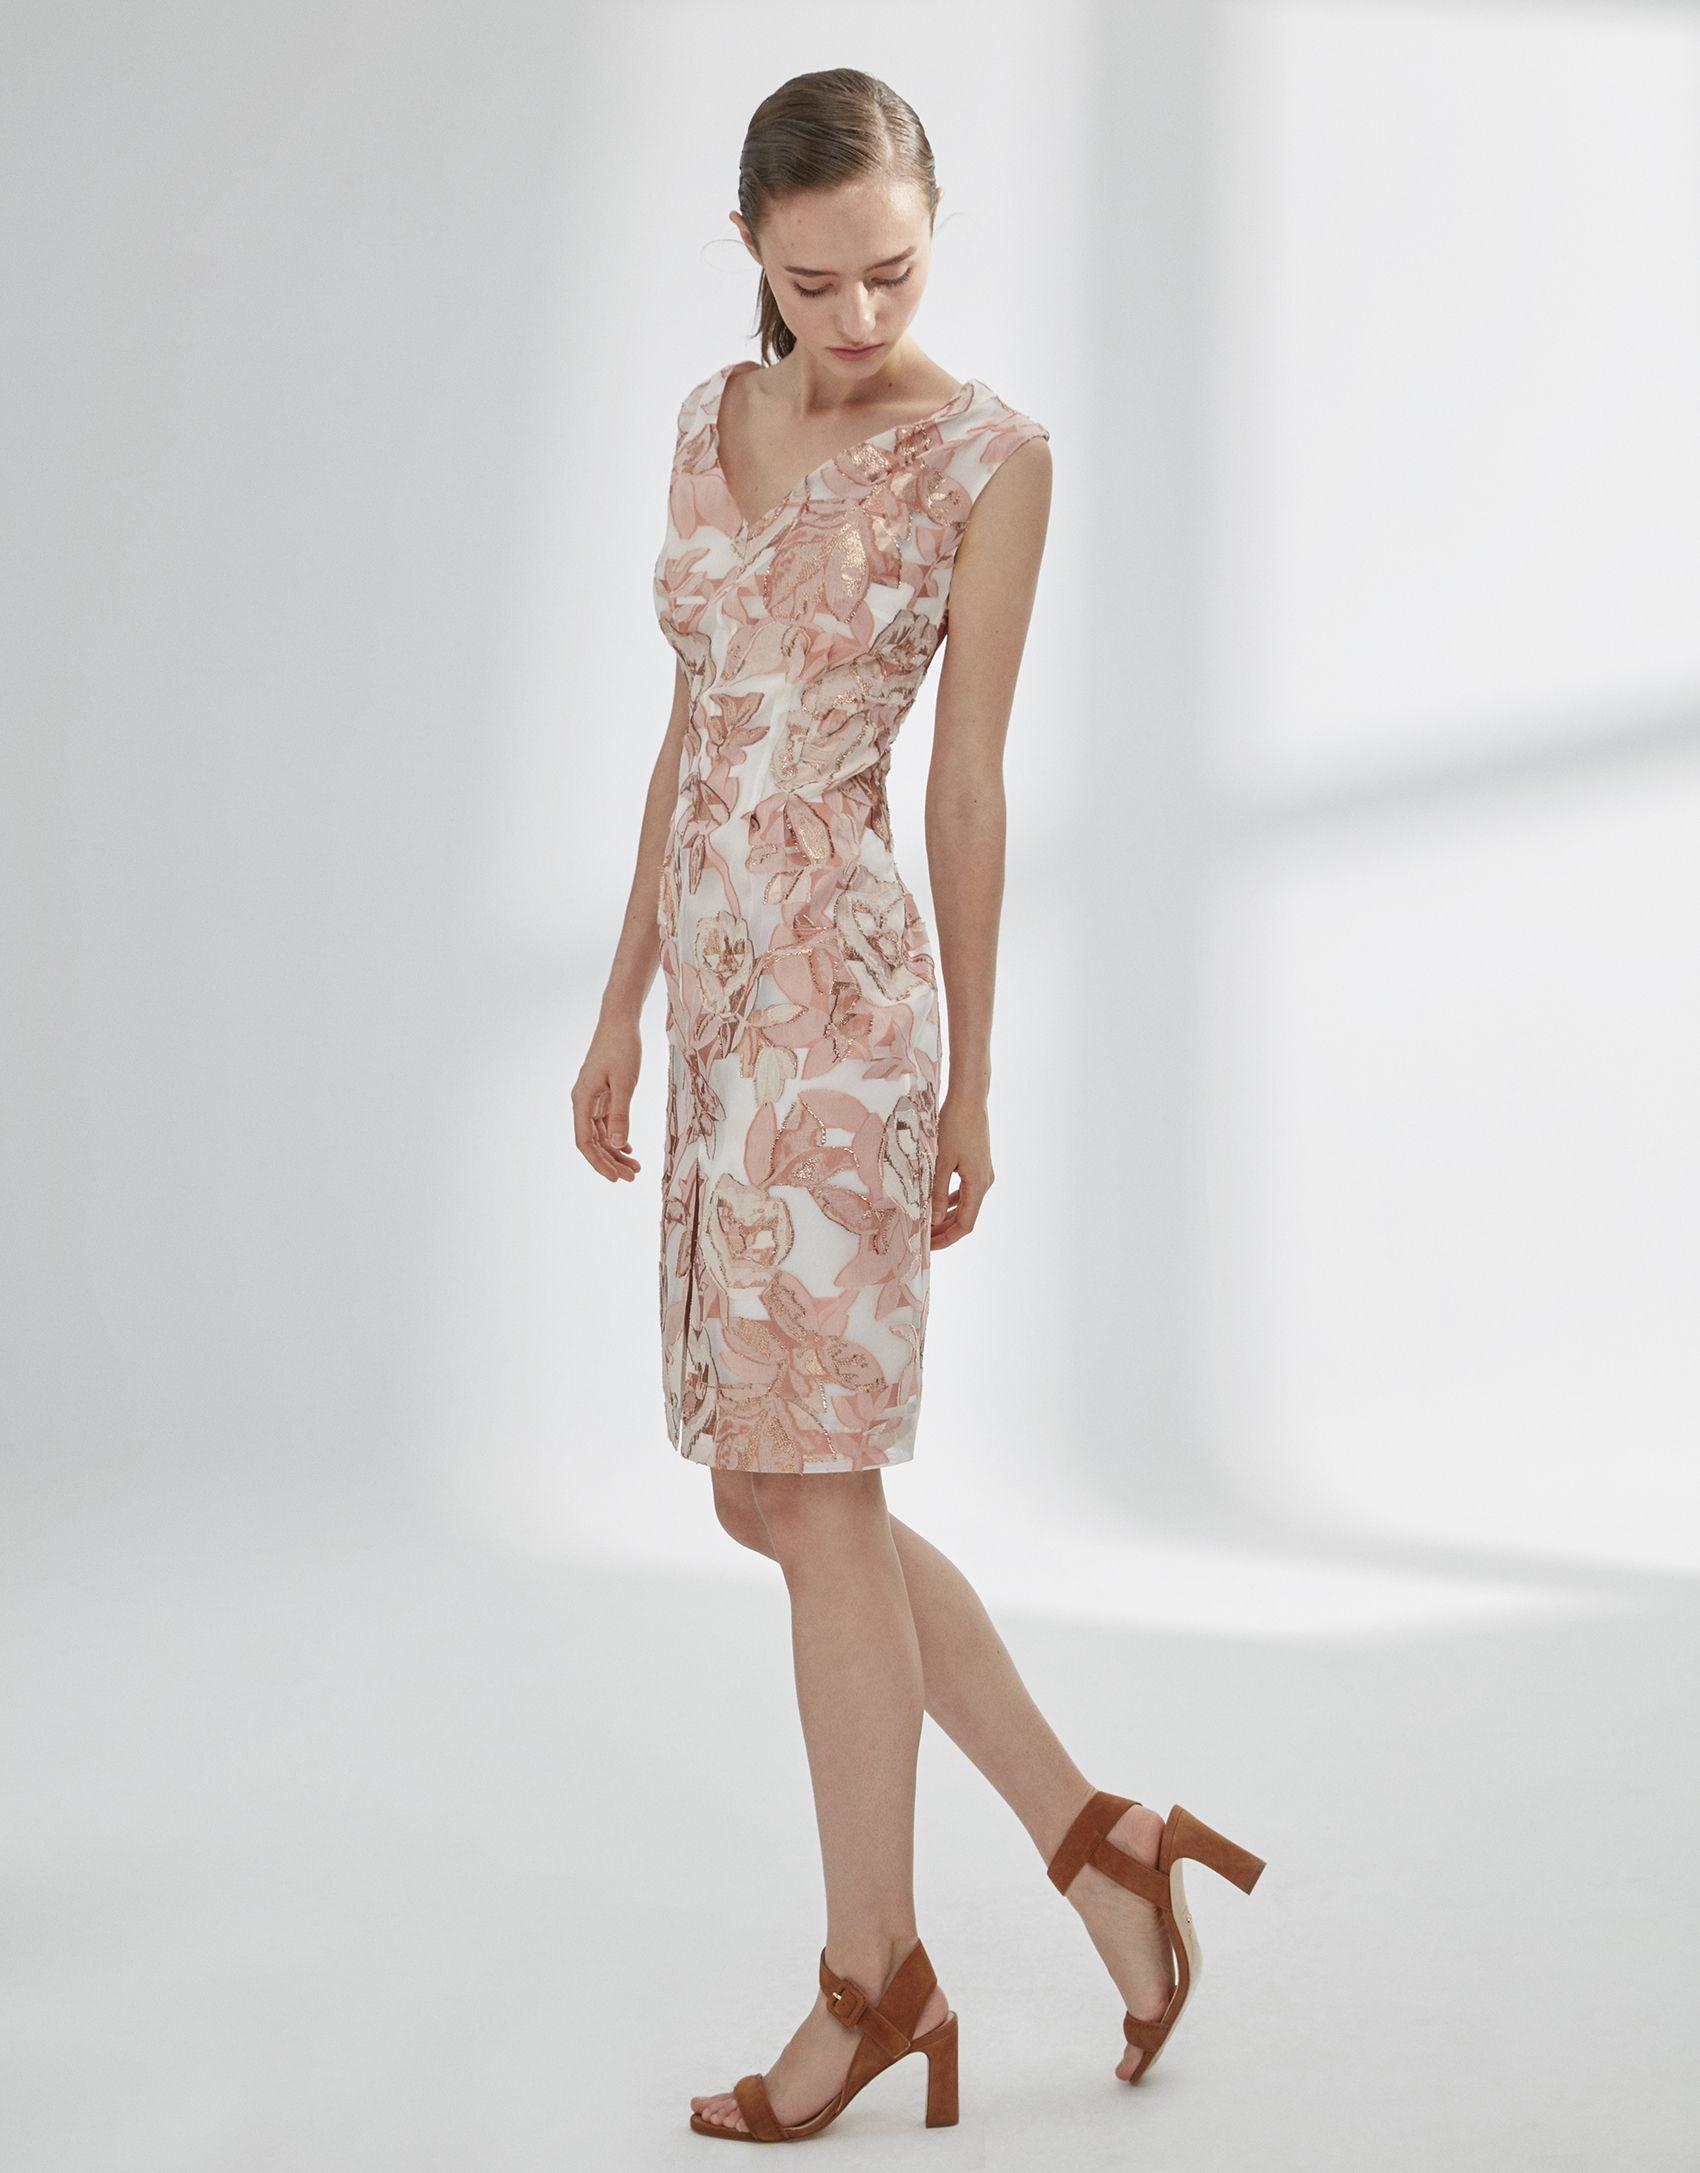 Vestidos cortos primavera verano 2020